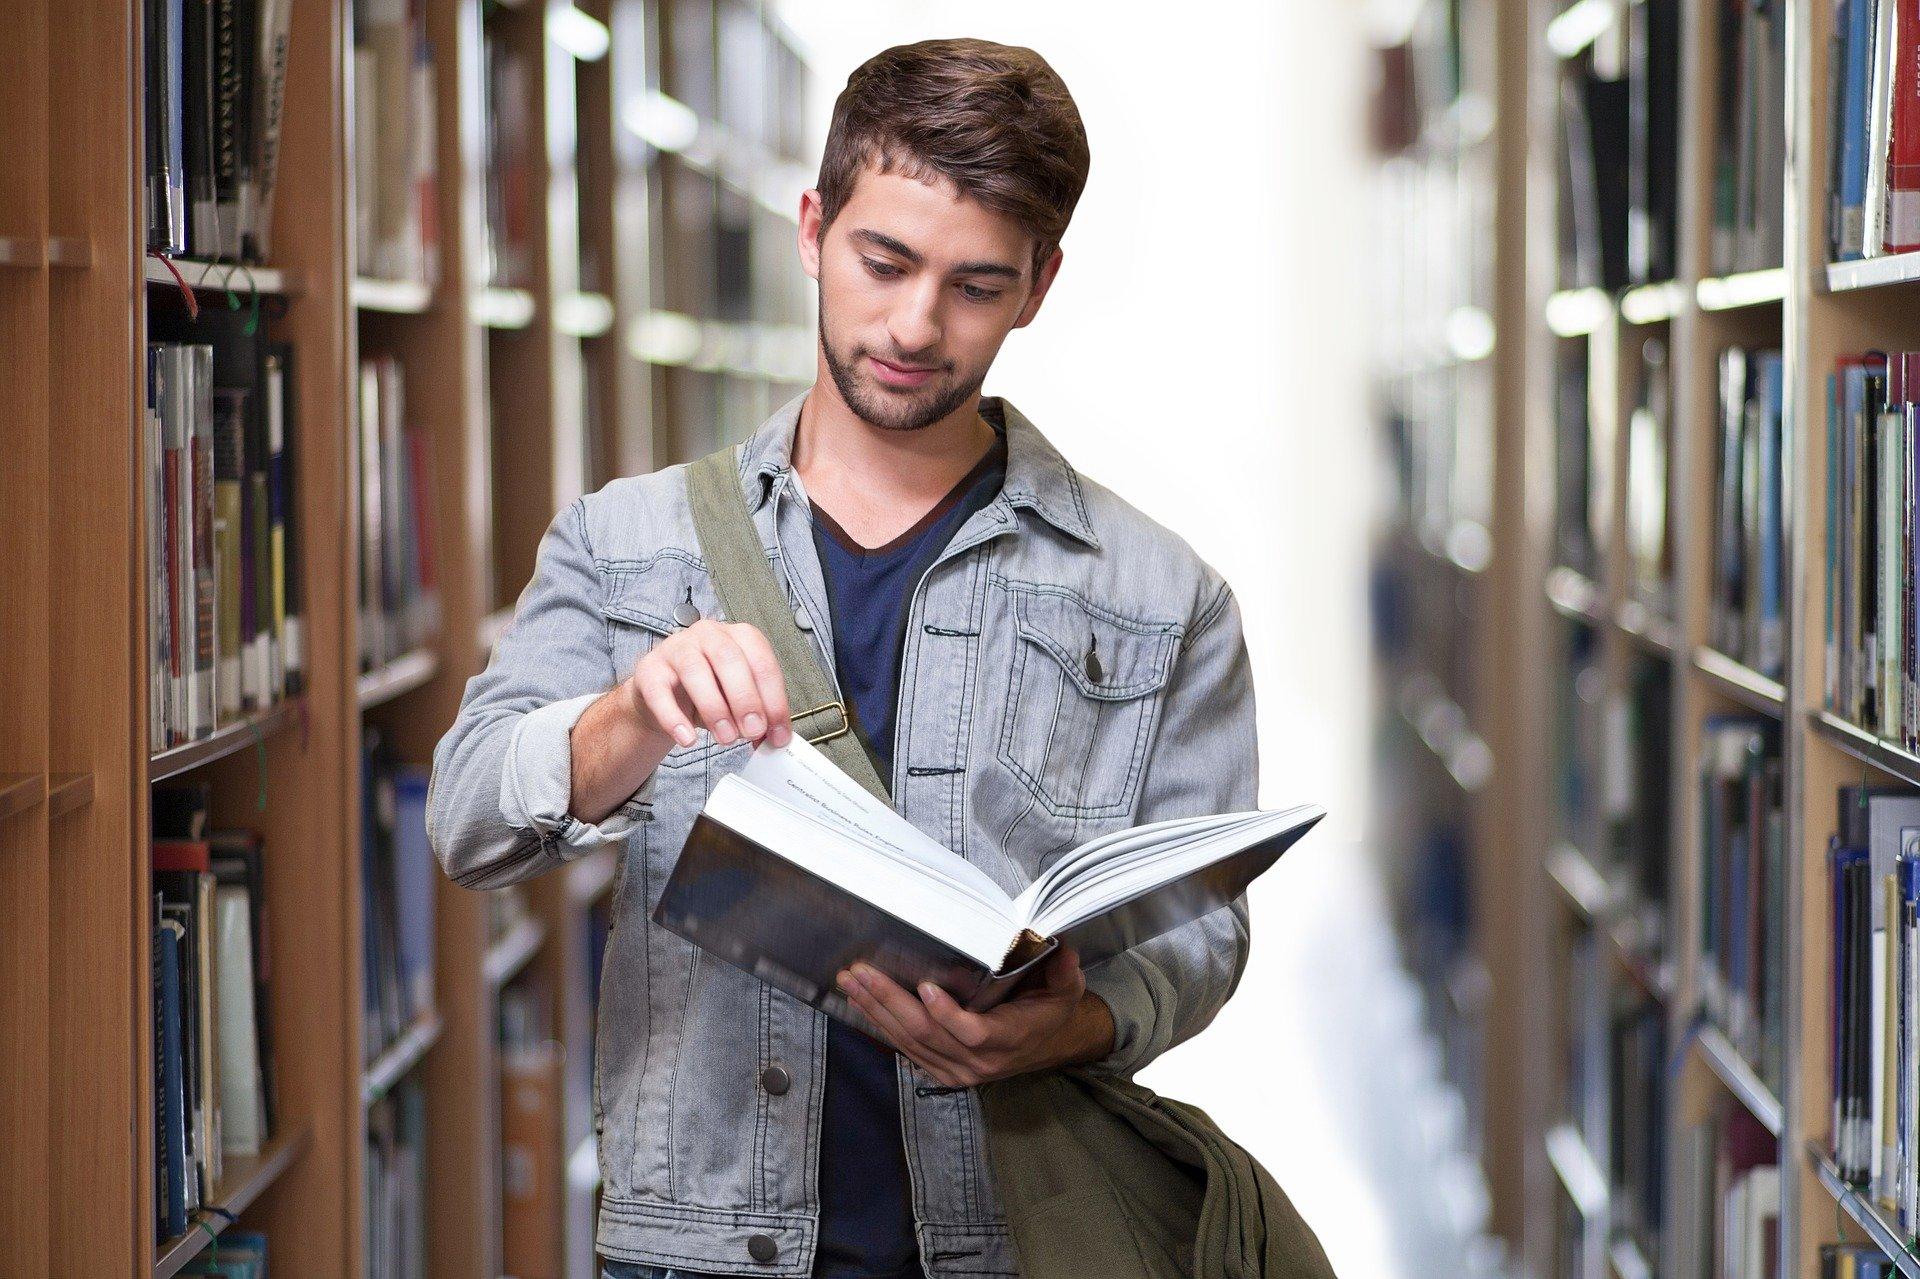 Harus Baca! 4 Cara Jitu Beradaptasi di Kampus untuk Mahasiswa Baru